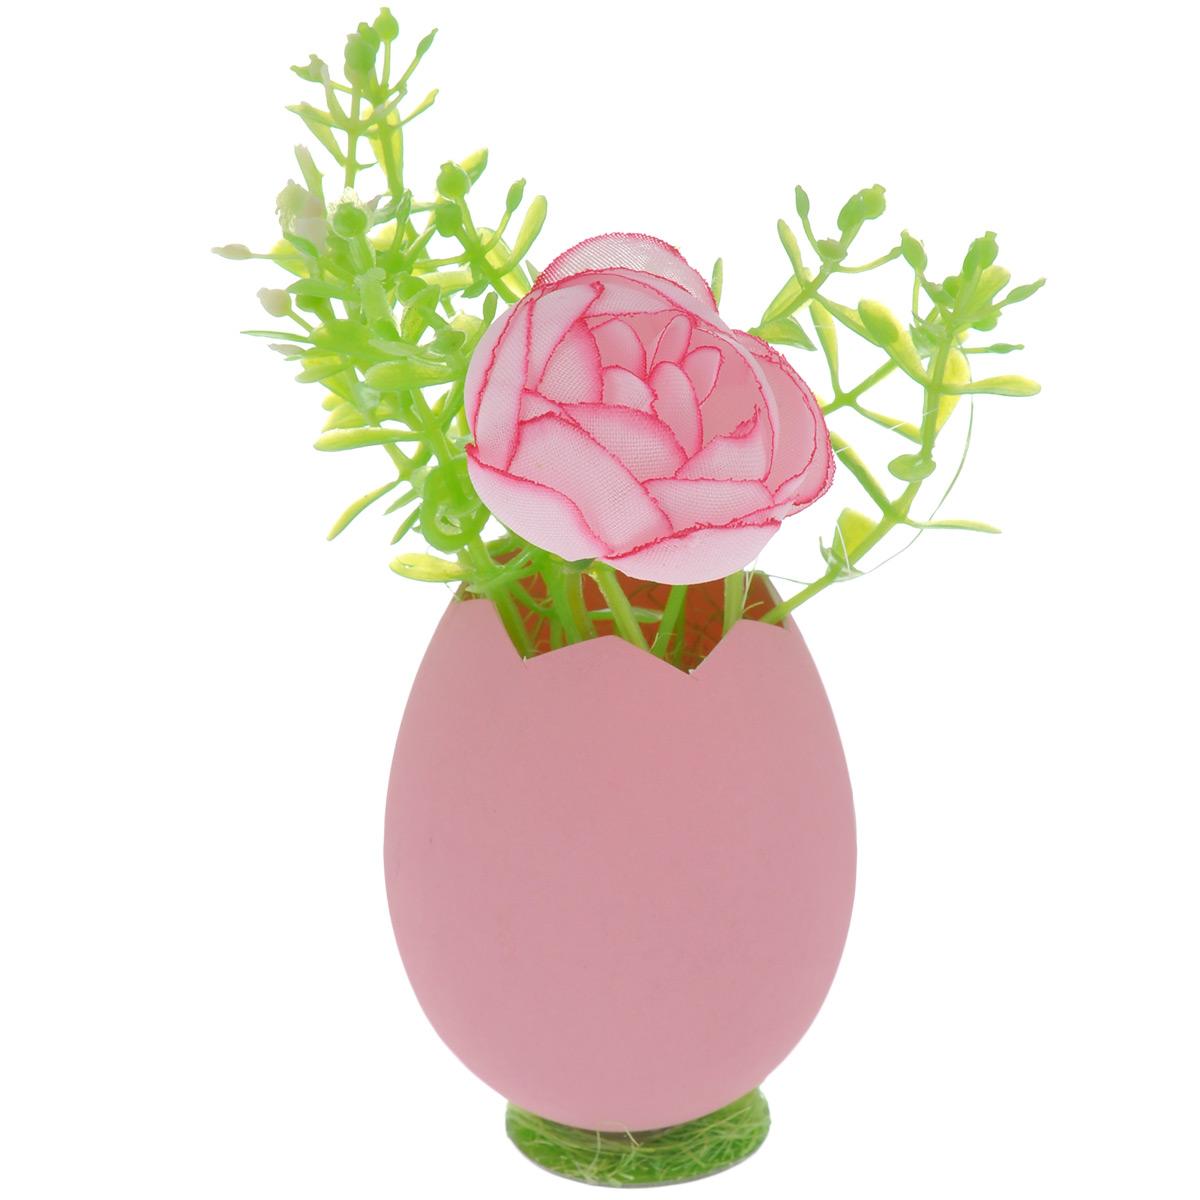 Декоративное украшение Home Queen Цветы в скорлупе, цвет: розовый, 5 х 11 см58246_1Декоративное украшение Home Queen Цветы в скорлупе выполнено из пластика и полиэстера в виде композиции из яичной скорлупы и цветов. Такое украшение прекрасно оформит интерьер дома или станет замечательным подарком для друзей и близких на Пасху. Размер: 5 см х 11 см х 5 см.